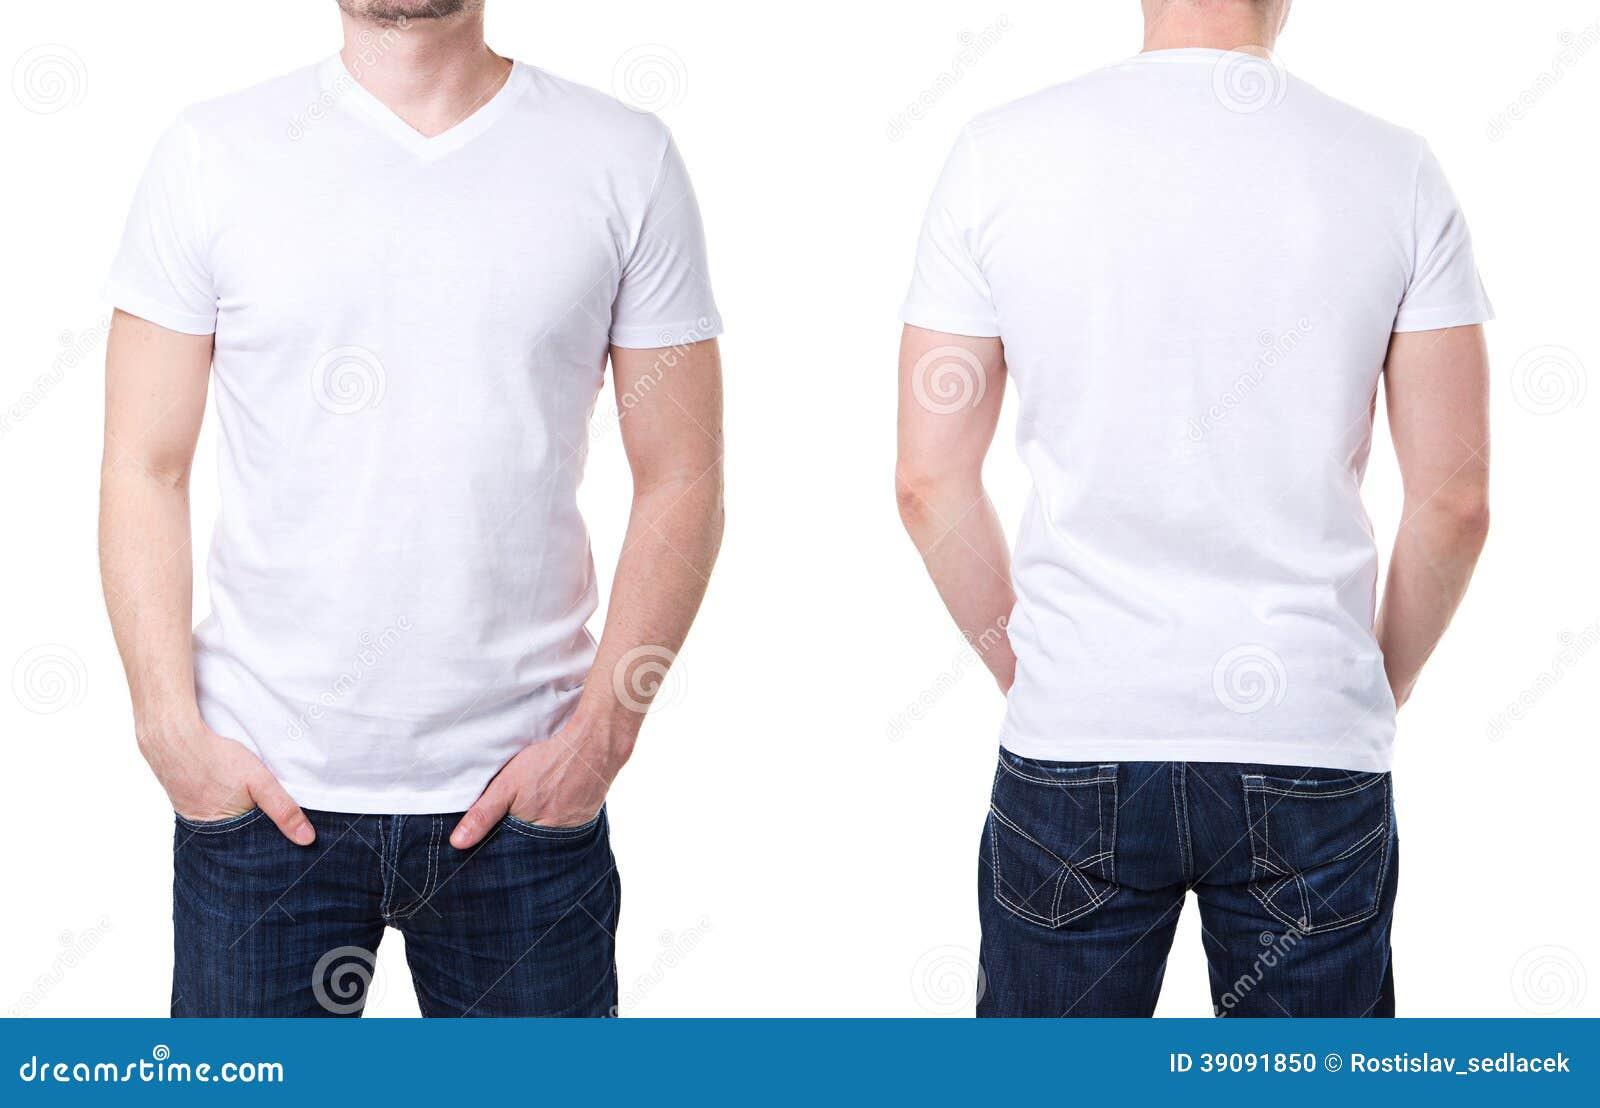 T-shirt blanc sur un calibre de jeune homme